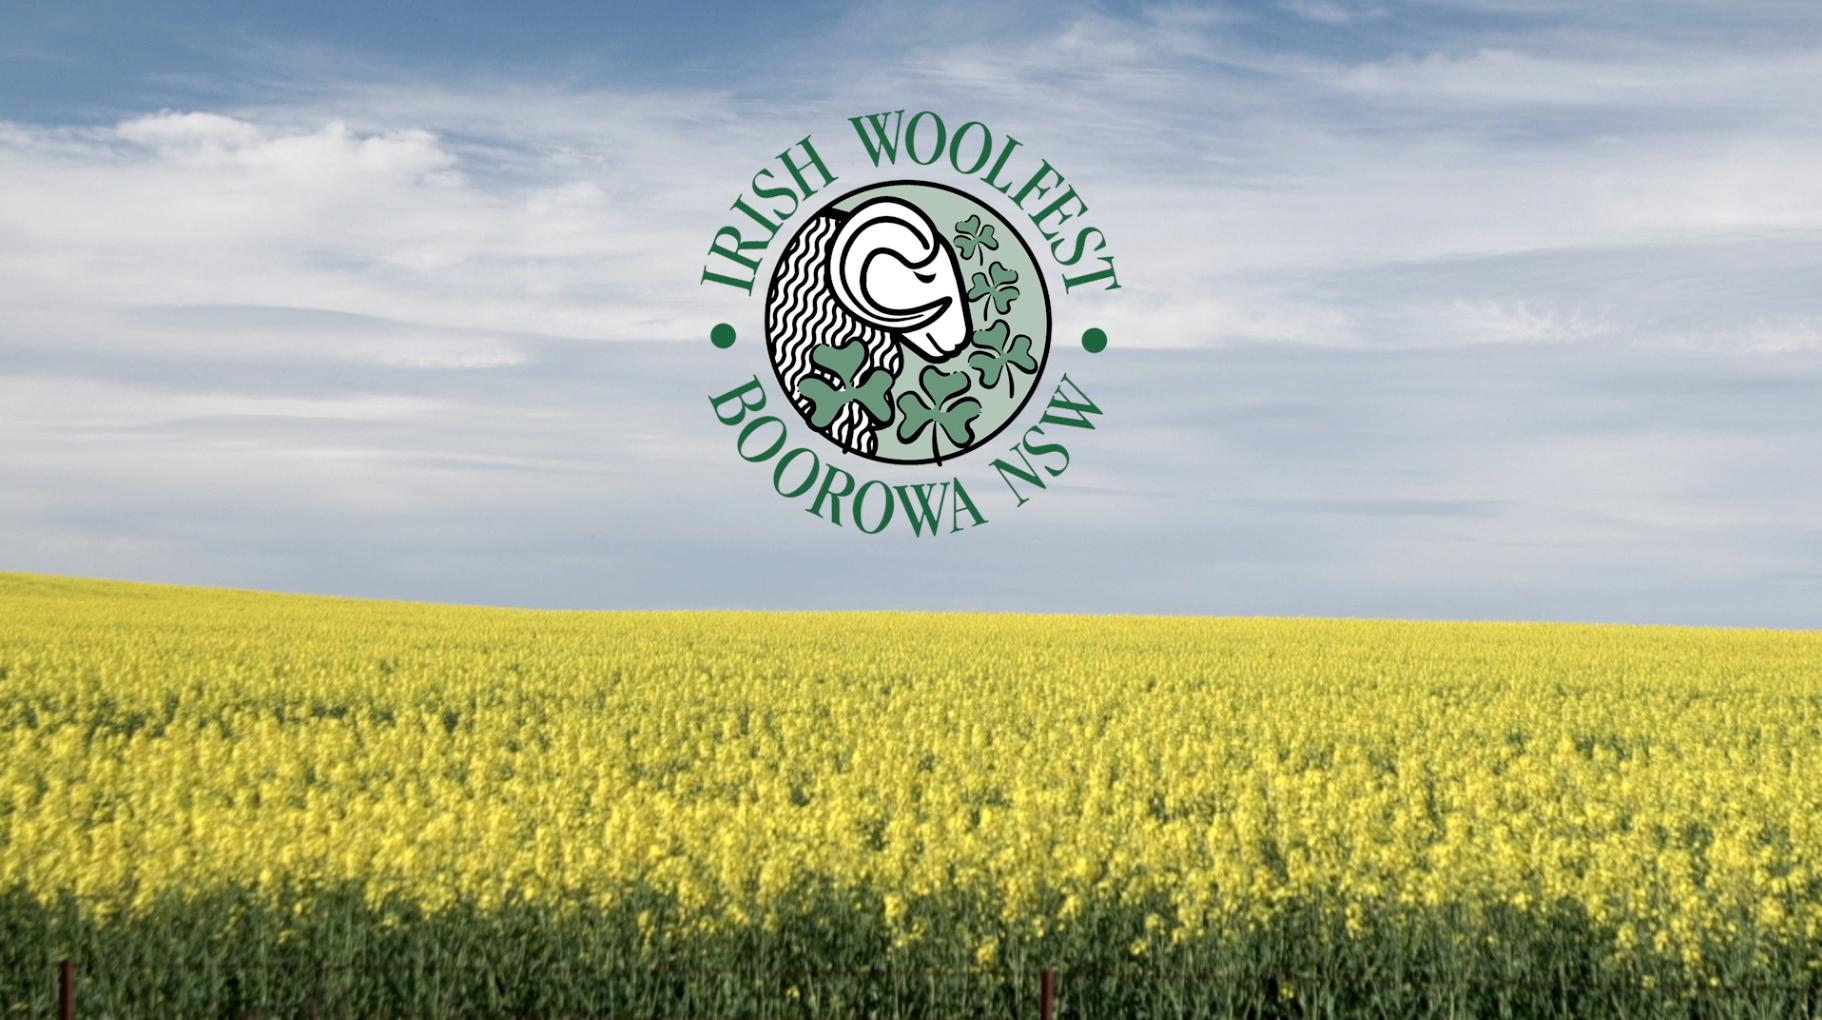 BOOROWA IRISH WOOLFEST - EVENT – BOOROWA NSW